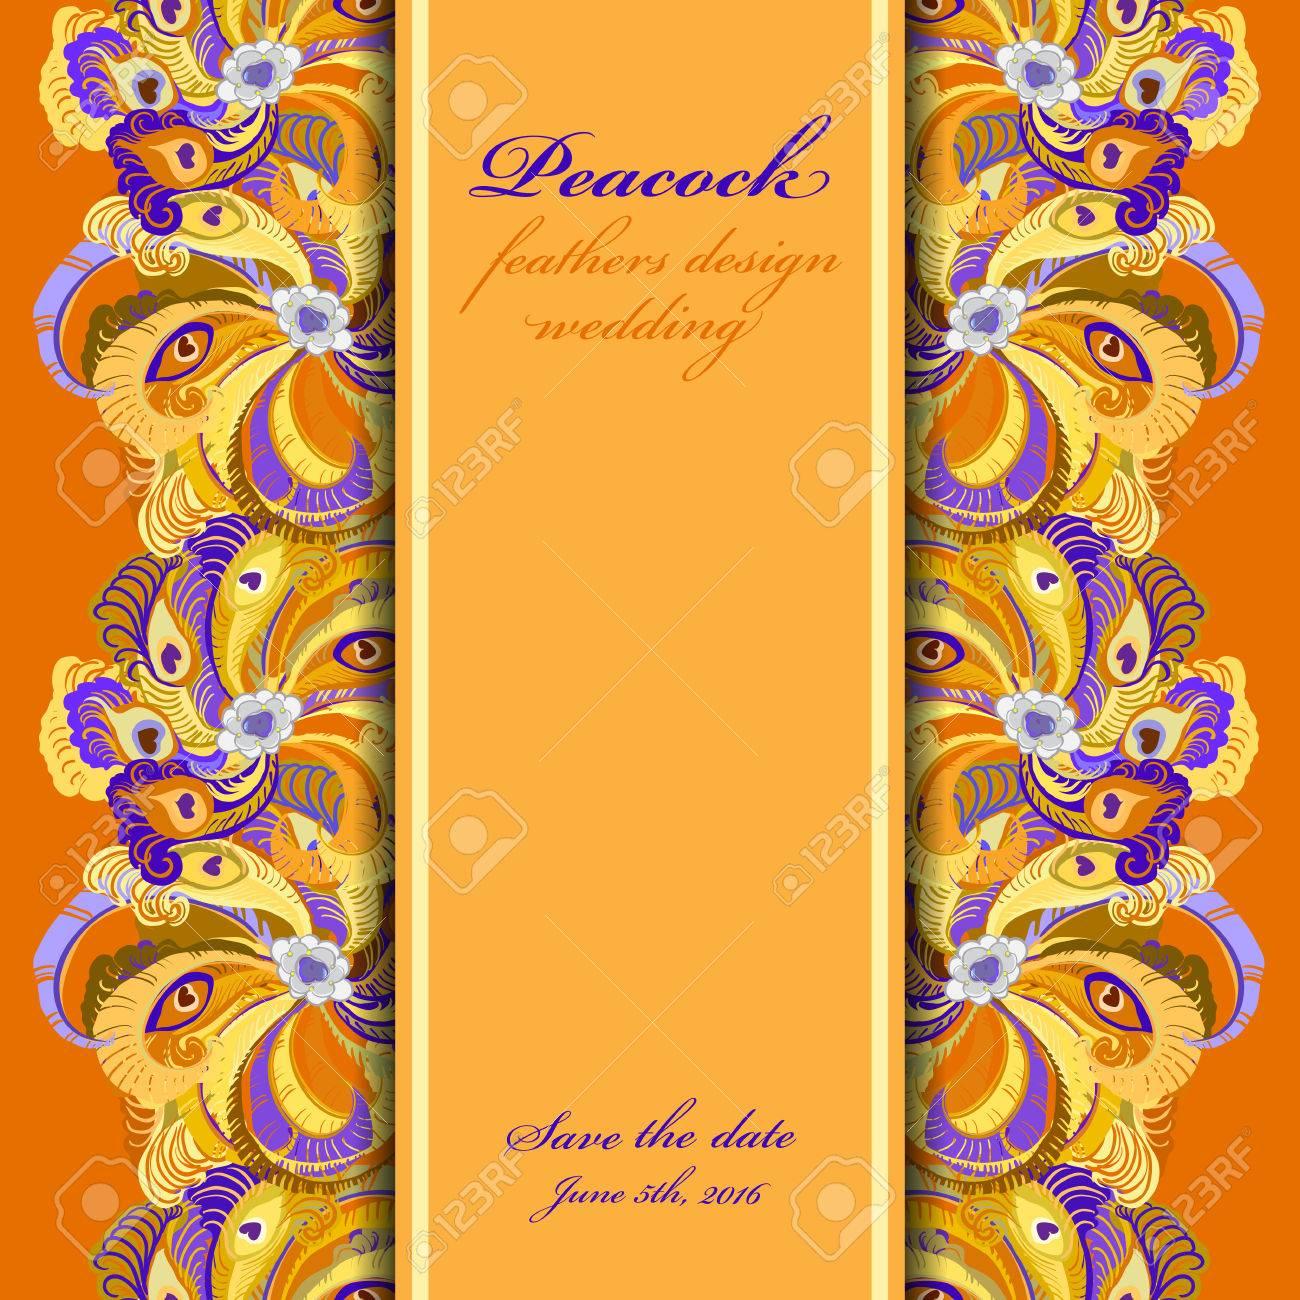 Background image vertical center - Orange Peacock Feathers Pattern Background Vertical Center Border Design Text Place Vintage